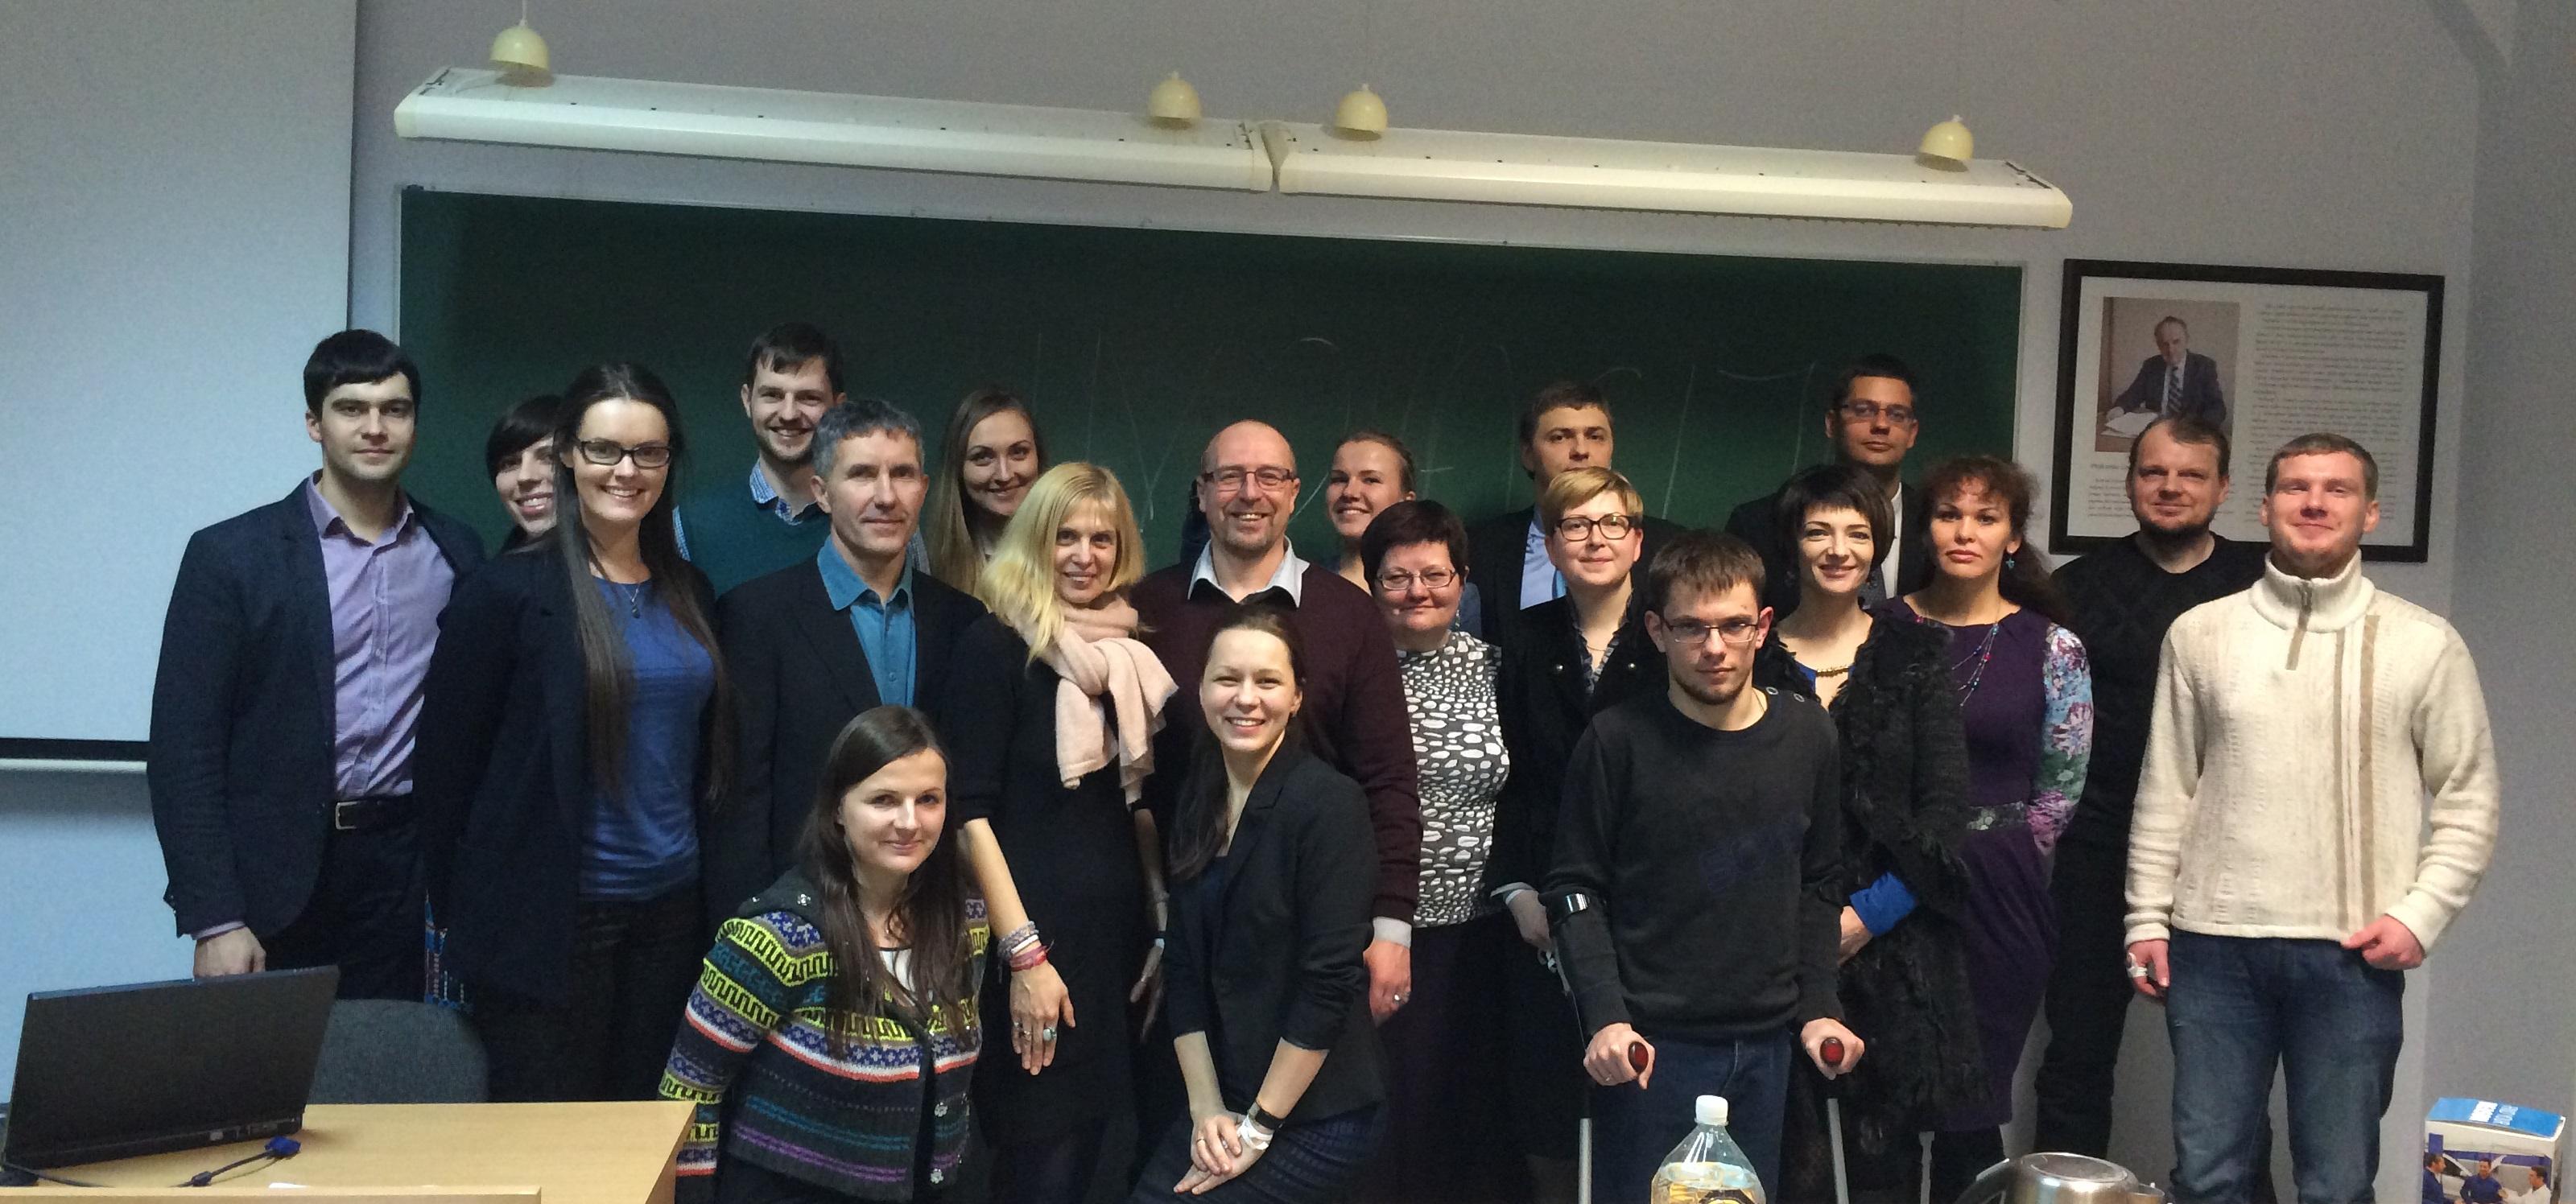 Nuotaikingas Toastmasters' Club Vilnius susitikimas Elektronikos fakultete